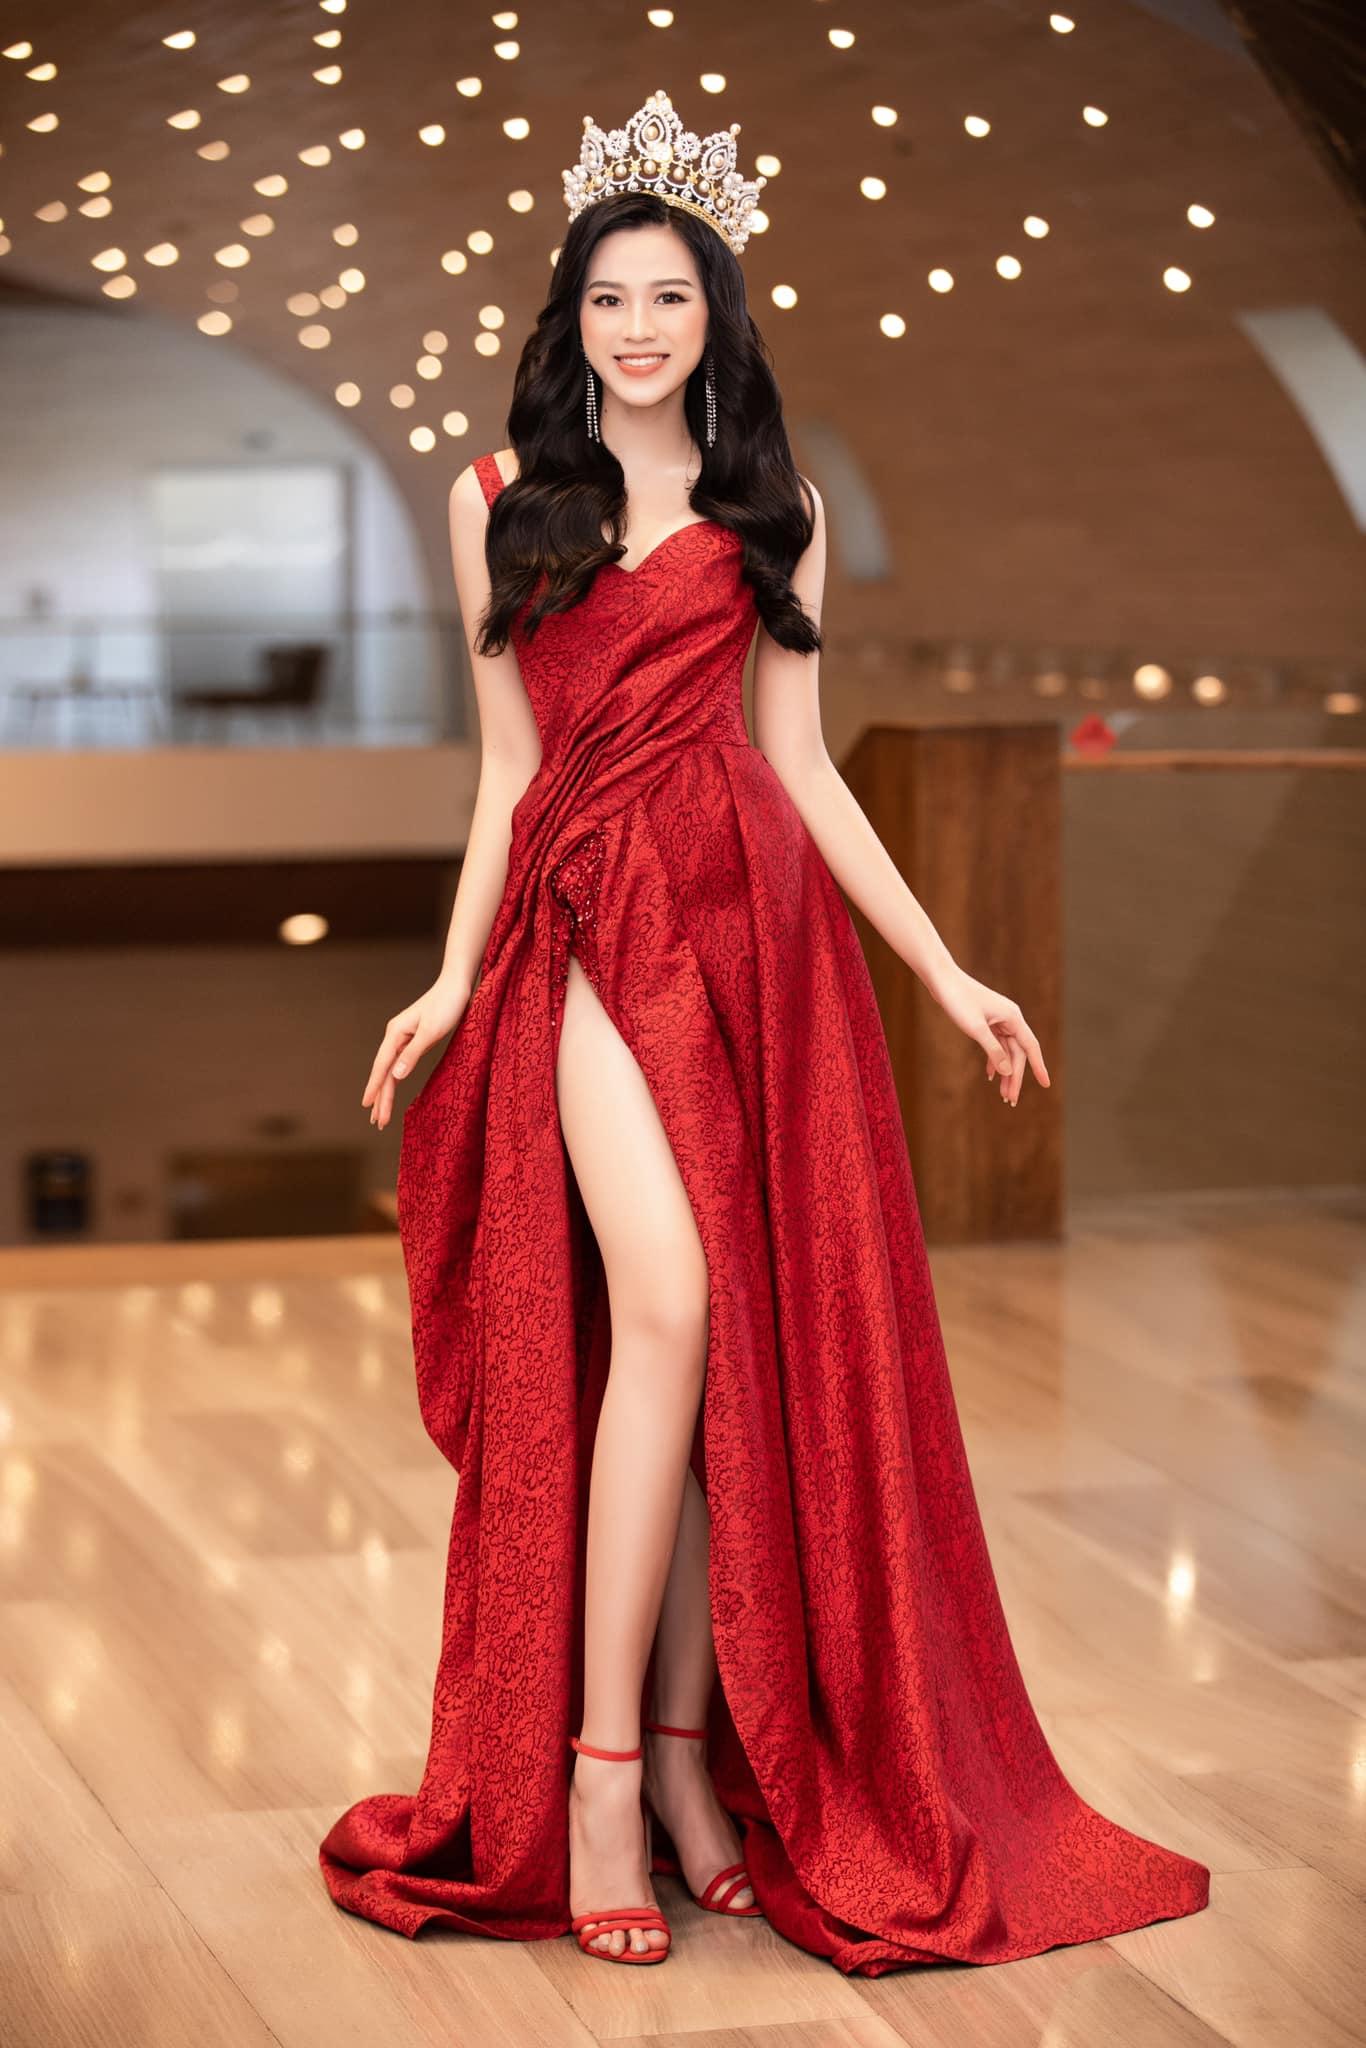 HH Đỗ Thị Hà luôn khoe đôi chân dài 1m11 và tỷ lệ 1/5 cực phẩm nhờ một kiểu váy đỉnh của chóp - Ảnh 4.